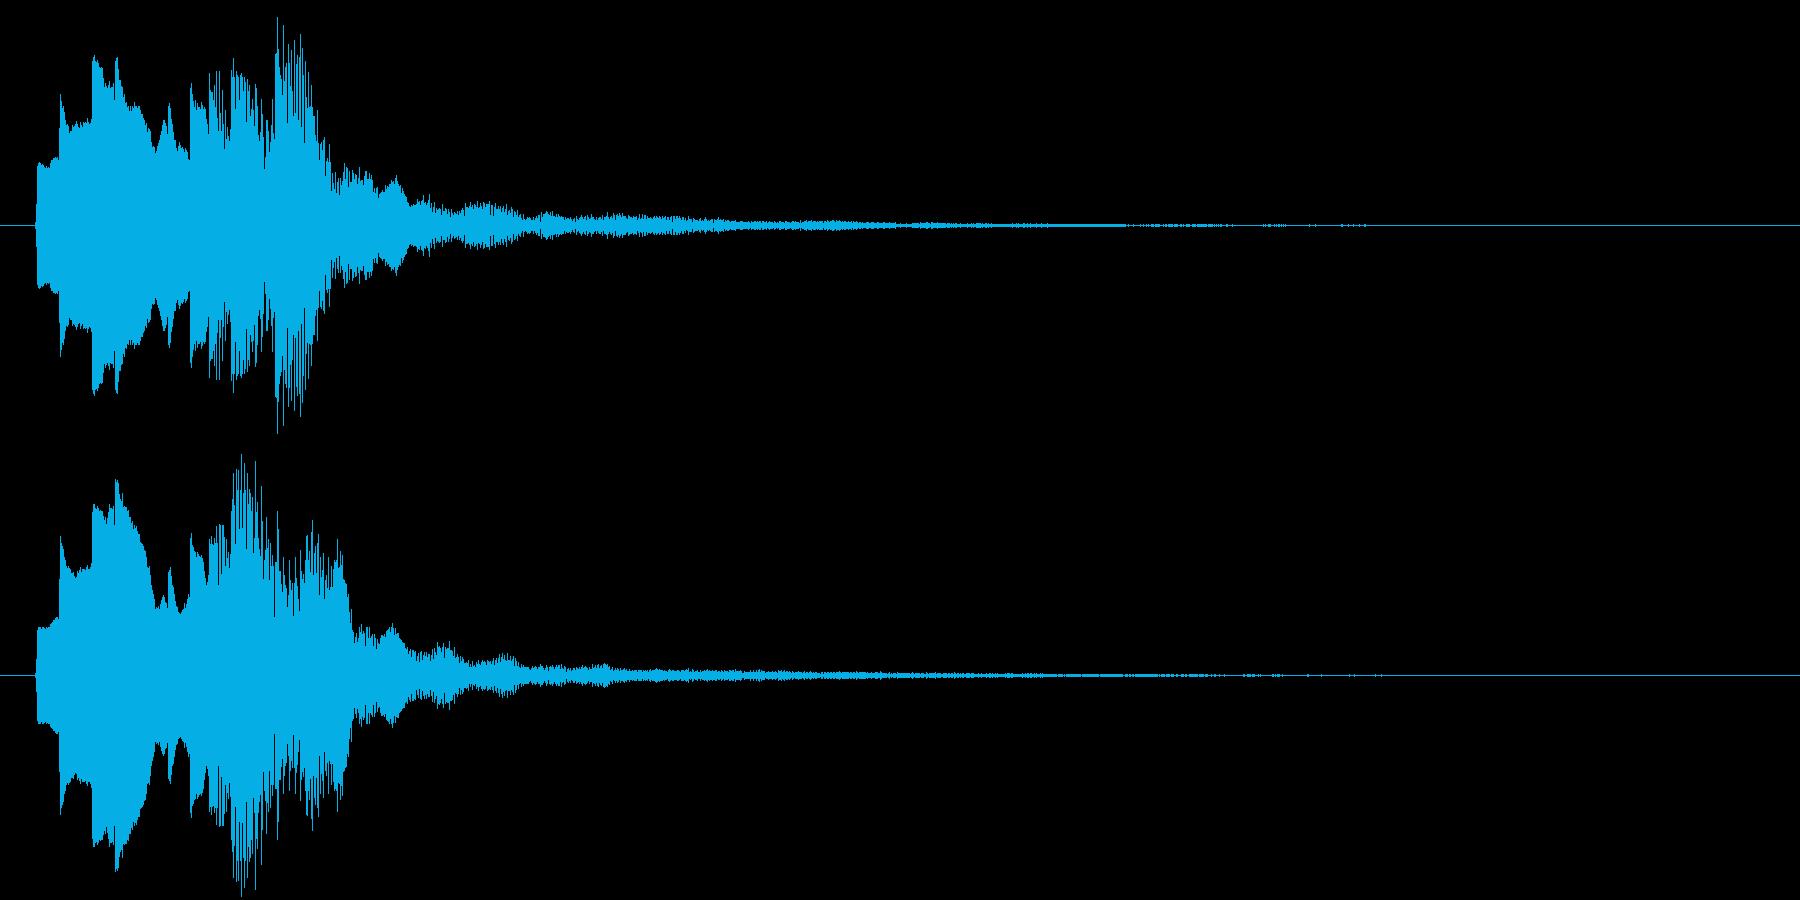 透明感のある爽やかな通知音の再生済みの波形